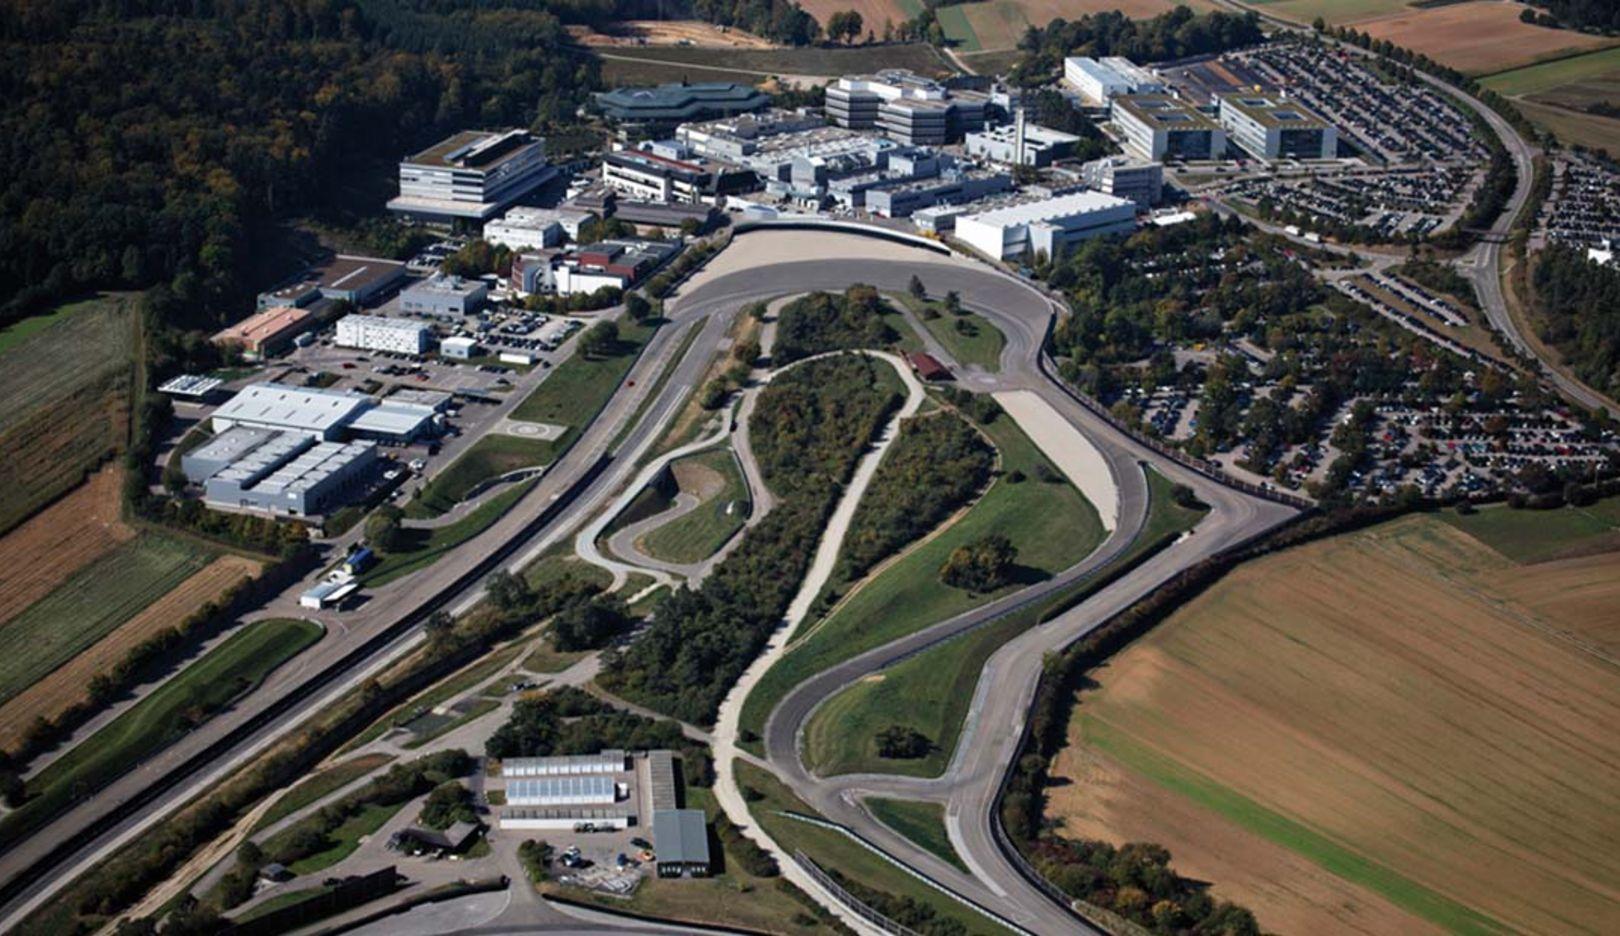 Porsche Entwicklungszentrum, Weissach, 2014, Porsche AG